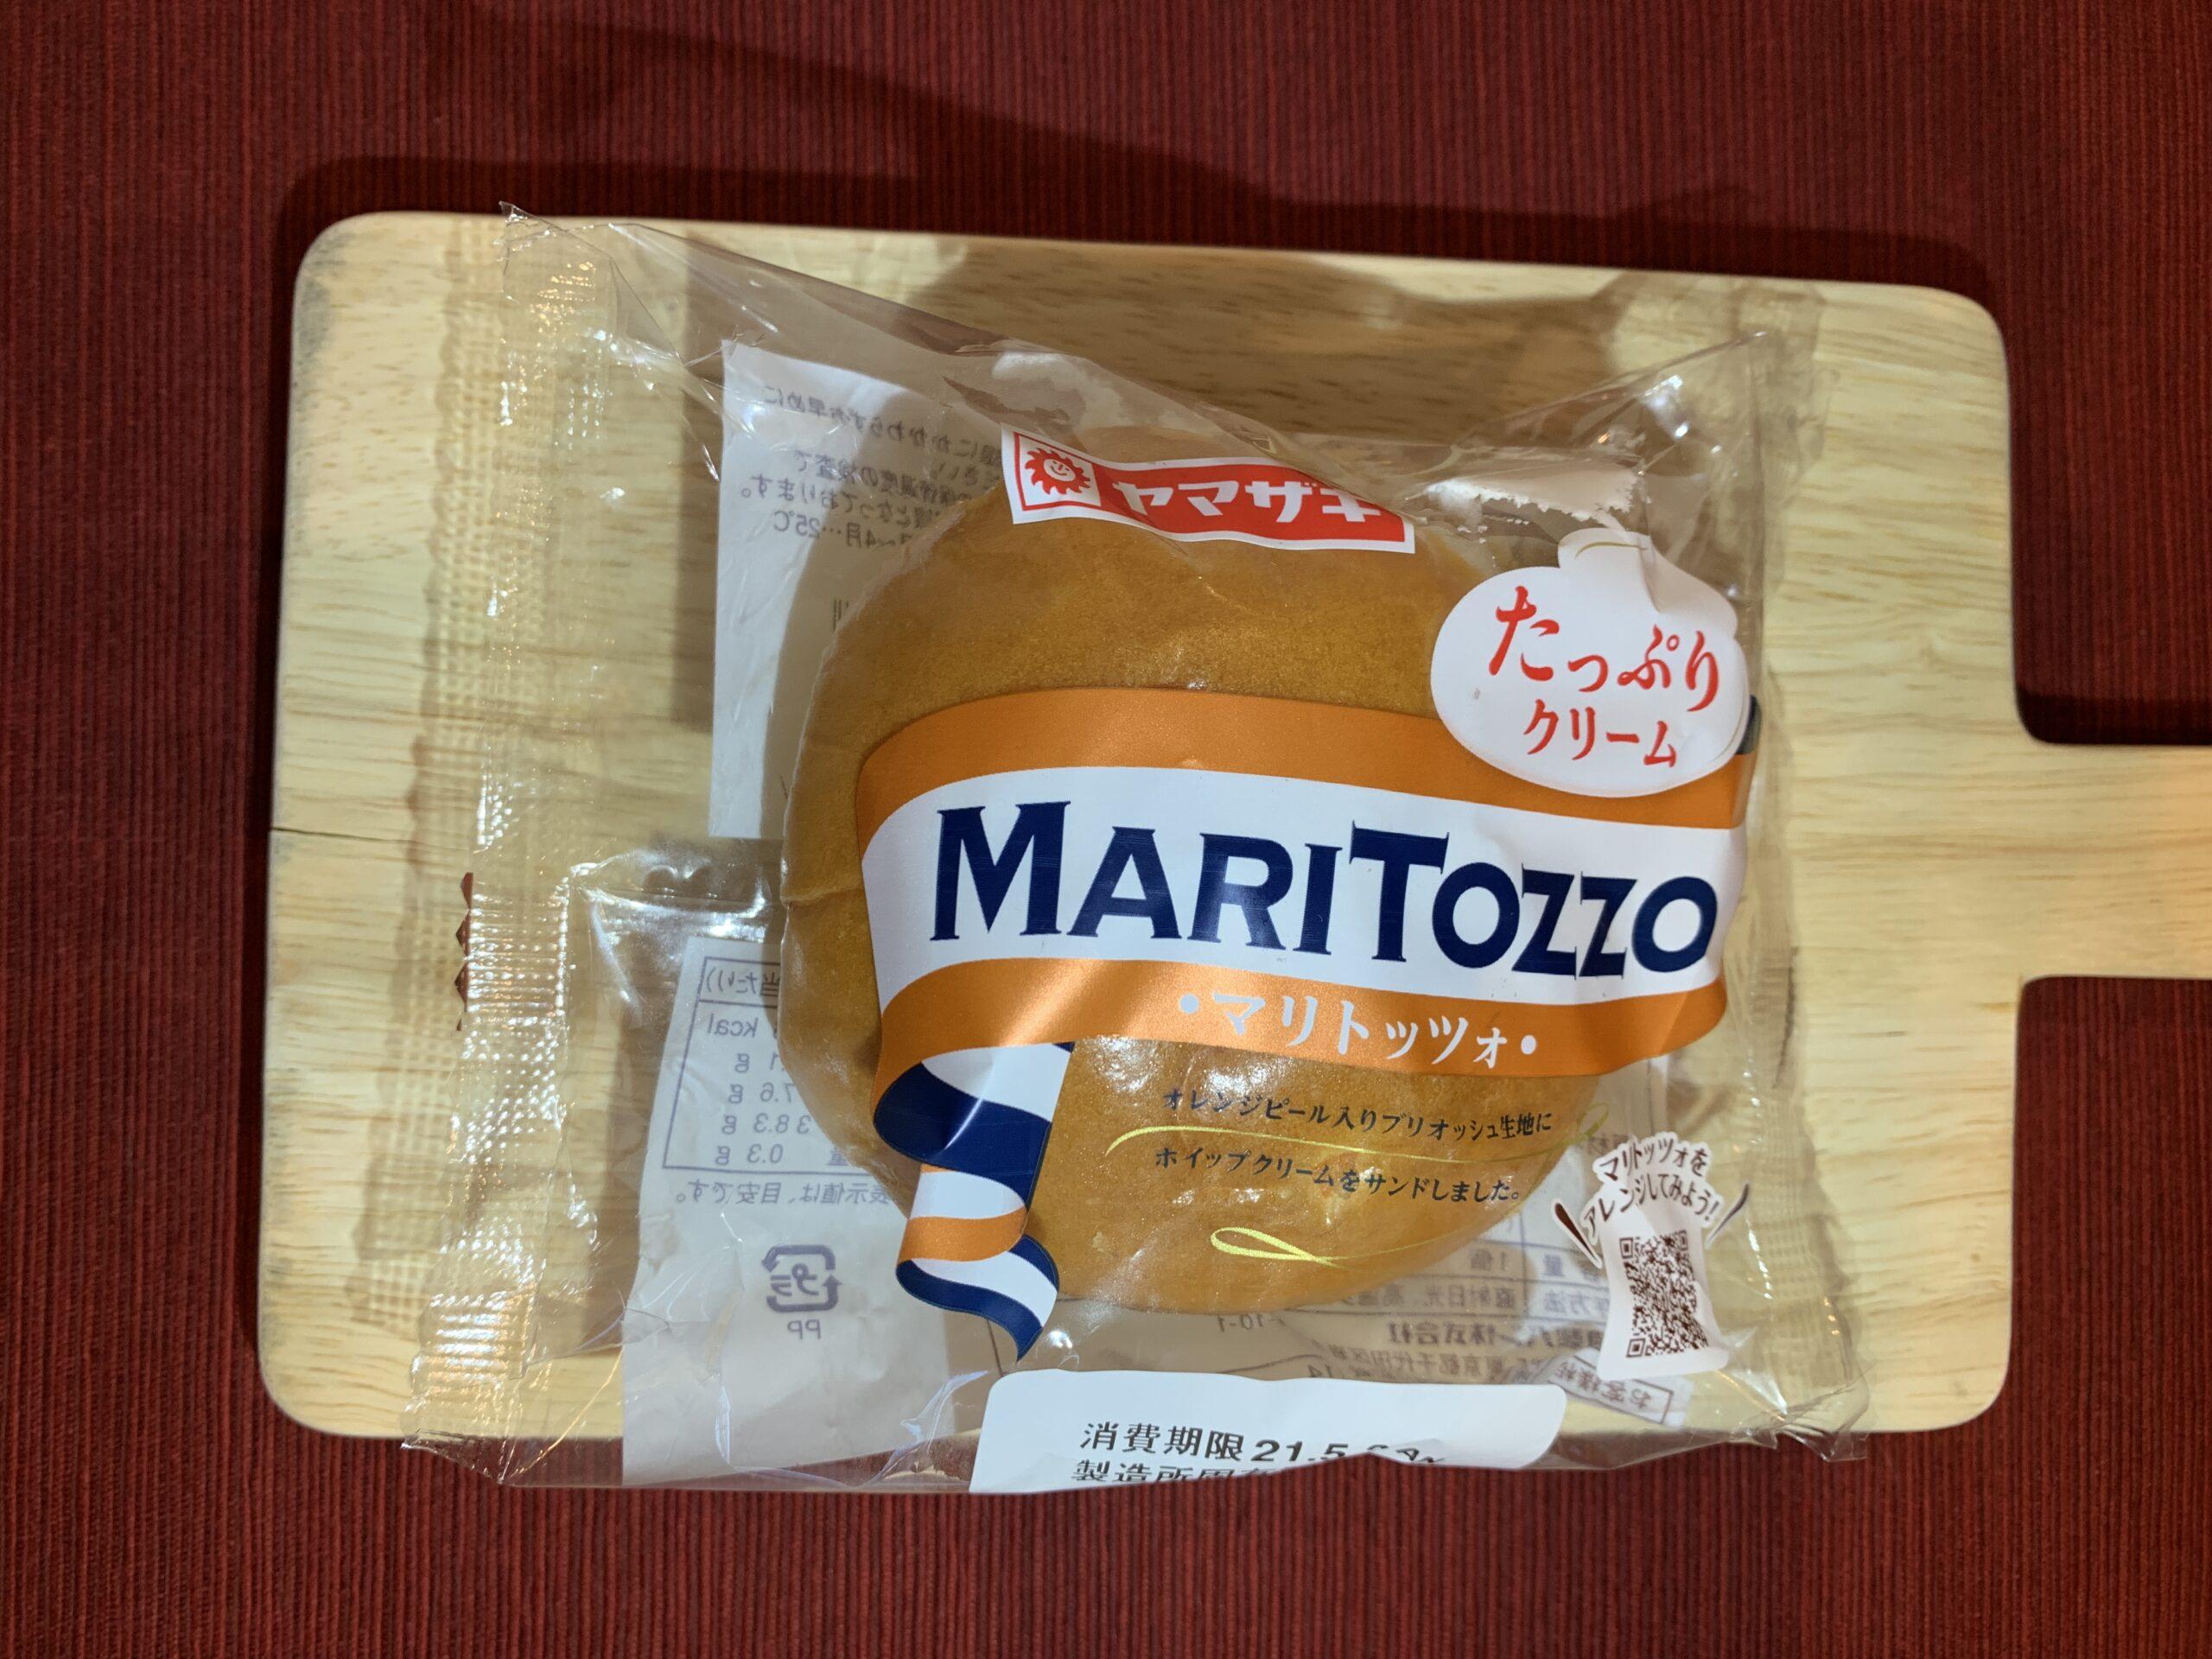 ヤマザキのマリトッツオは美味しい?カロリーや実食レビュー